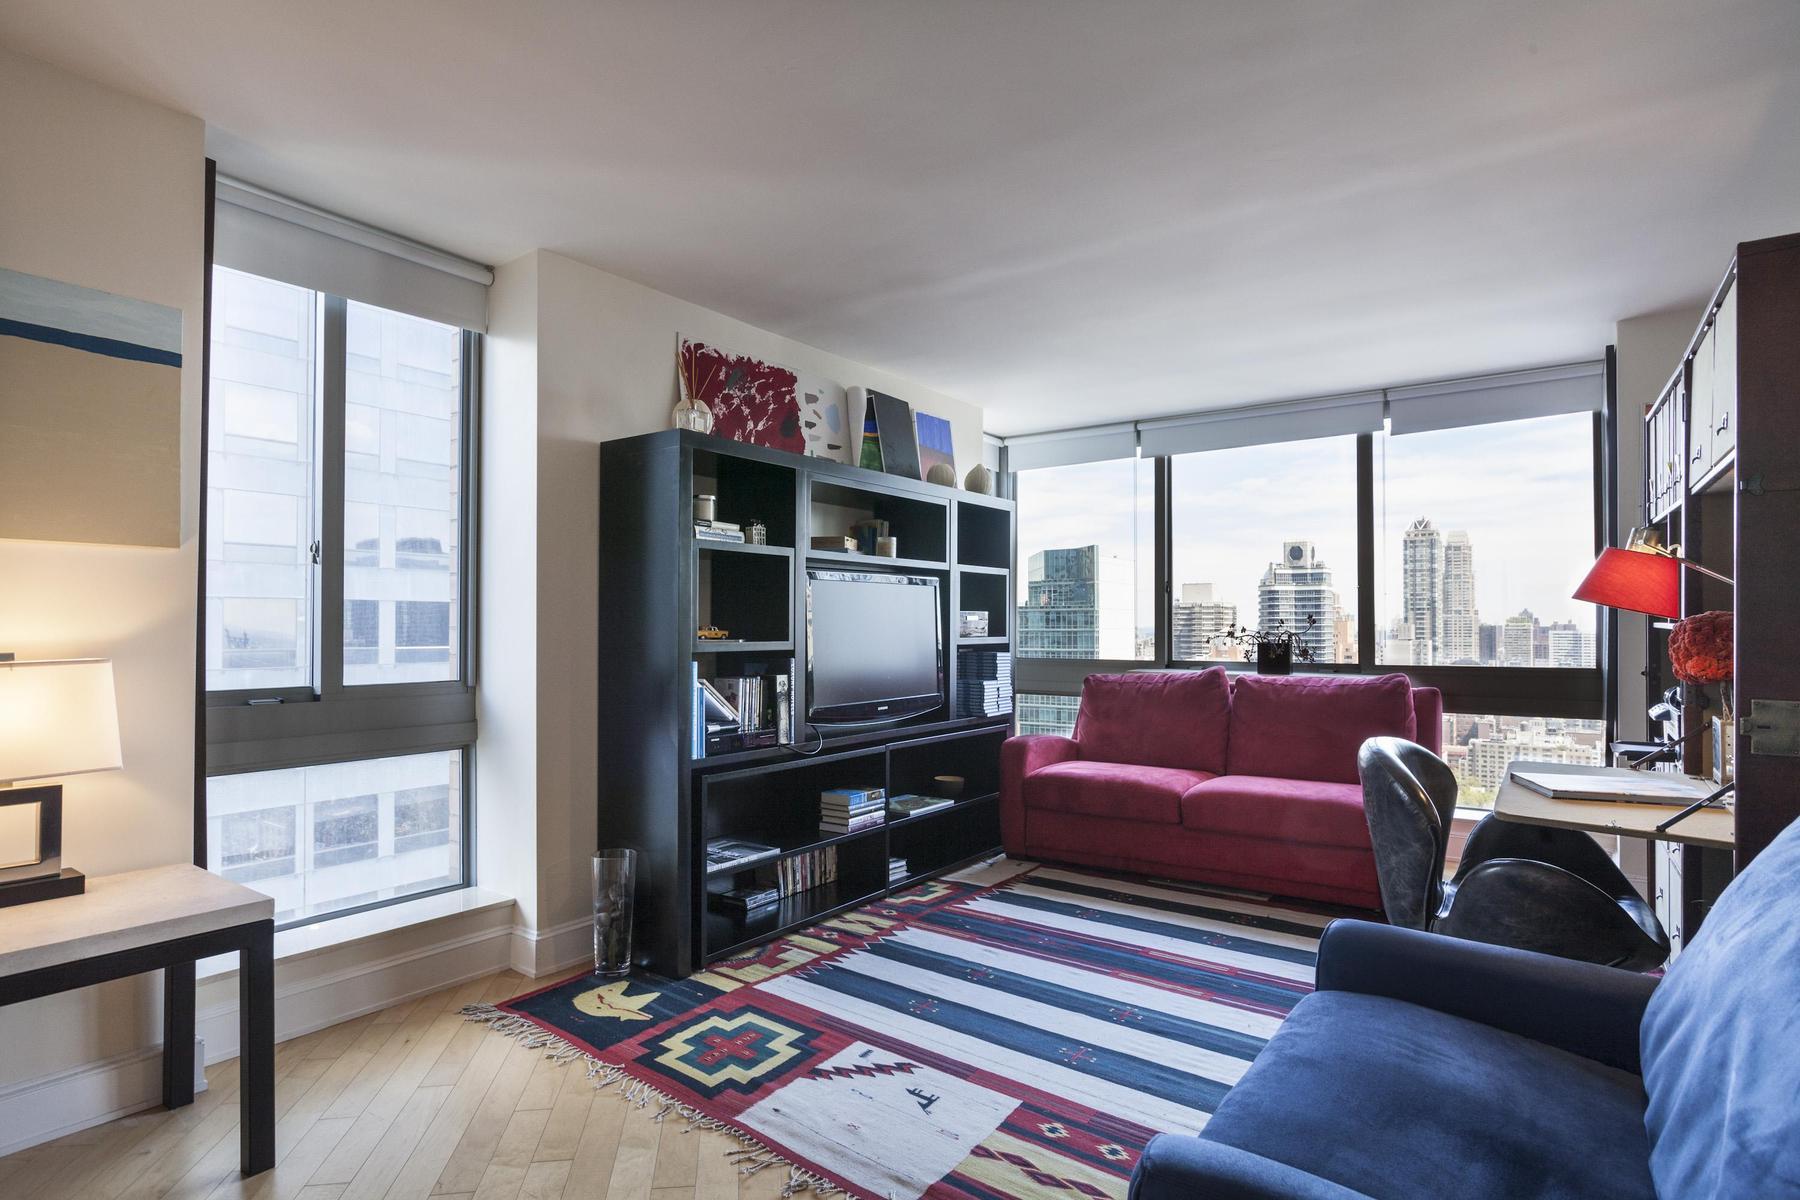 New York - Midtown Overlook